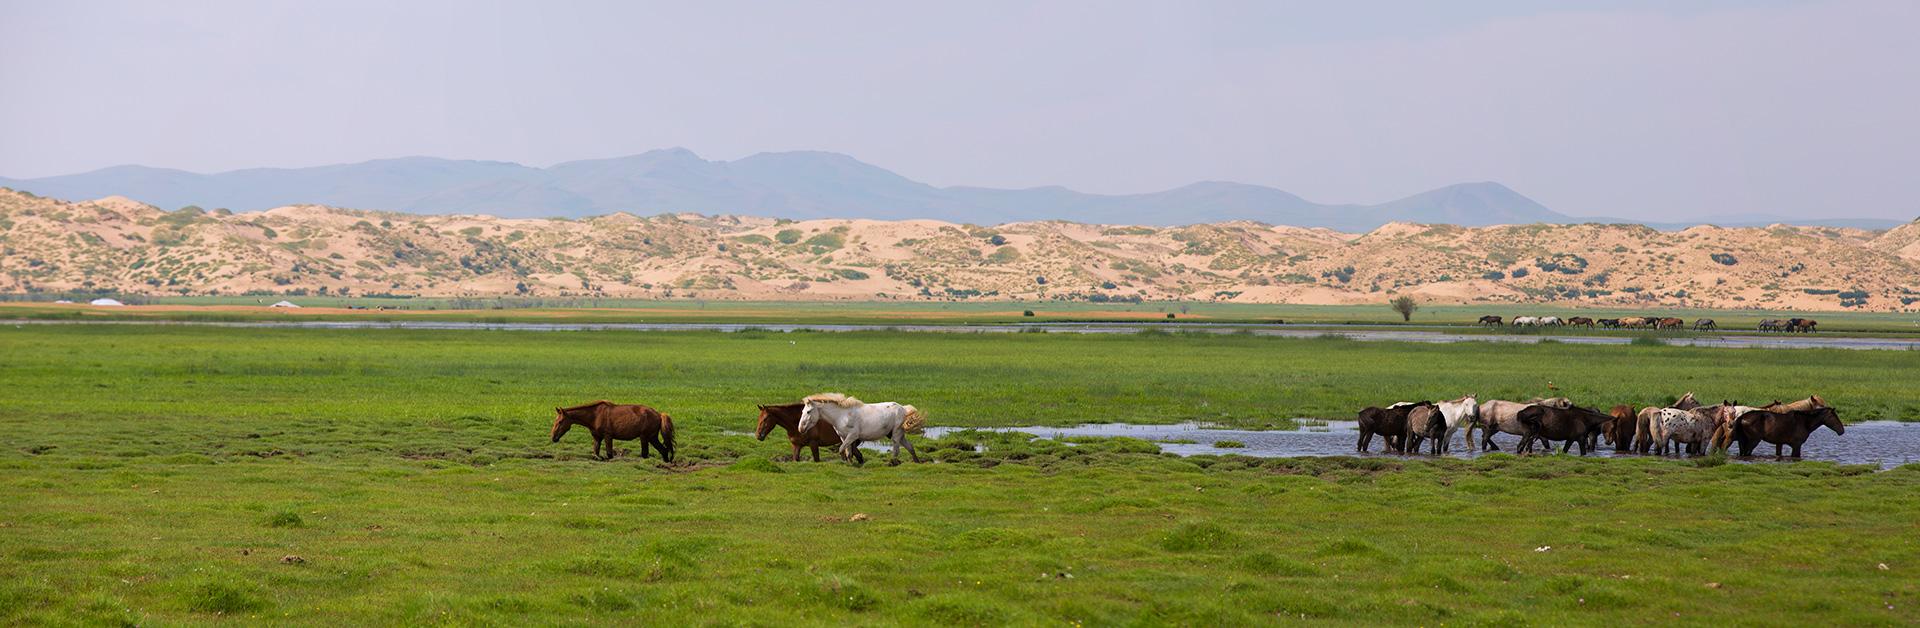 BIENVENUE EN MONGOLIE, LA DESTINATION INSPIRANTE | Ressourcez-vous avec une expérience unique